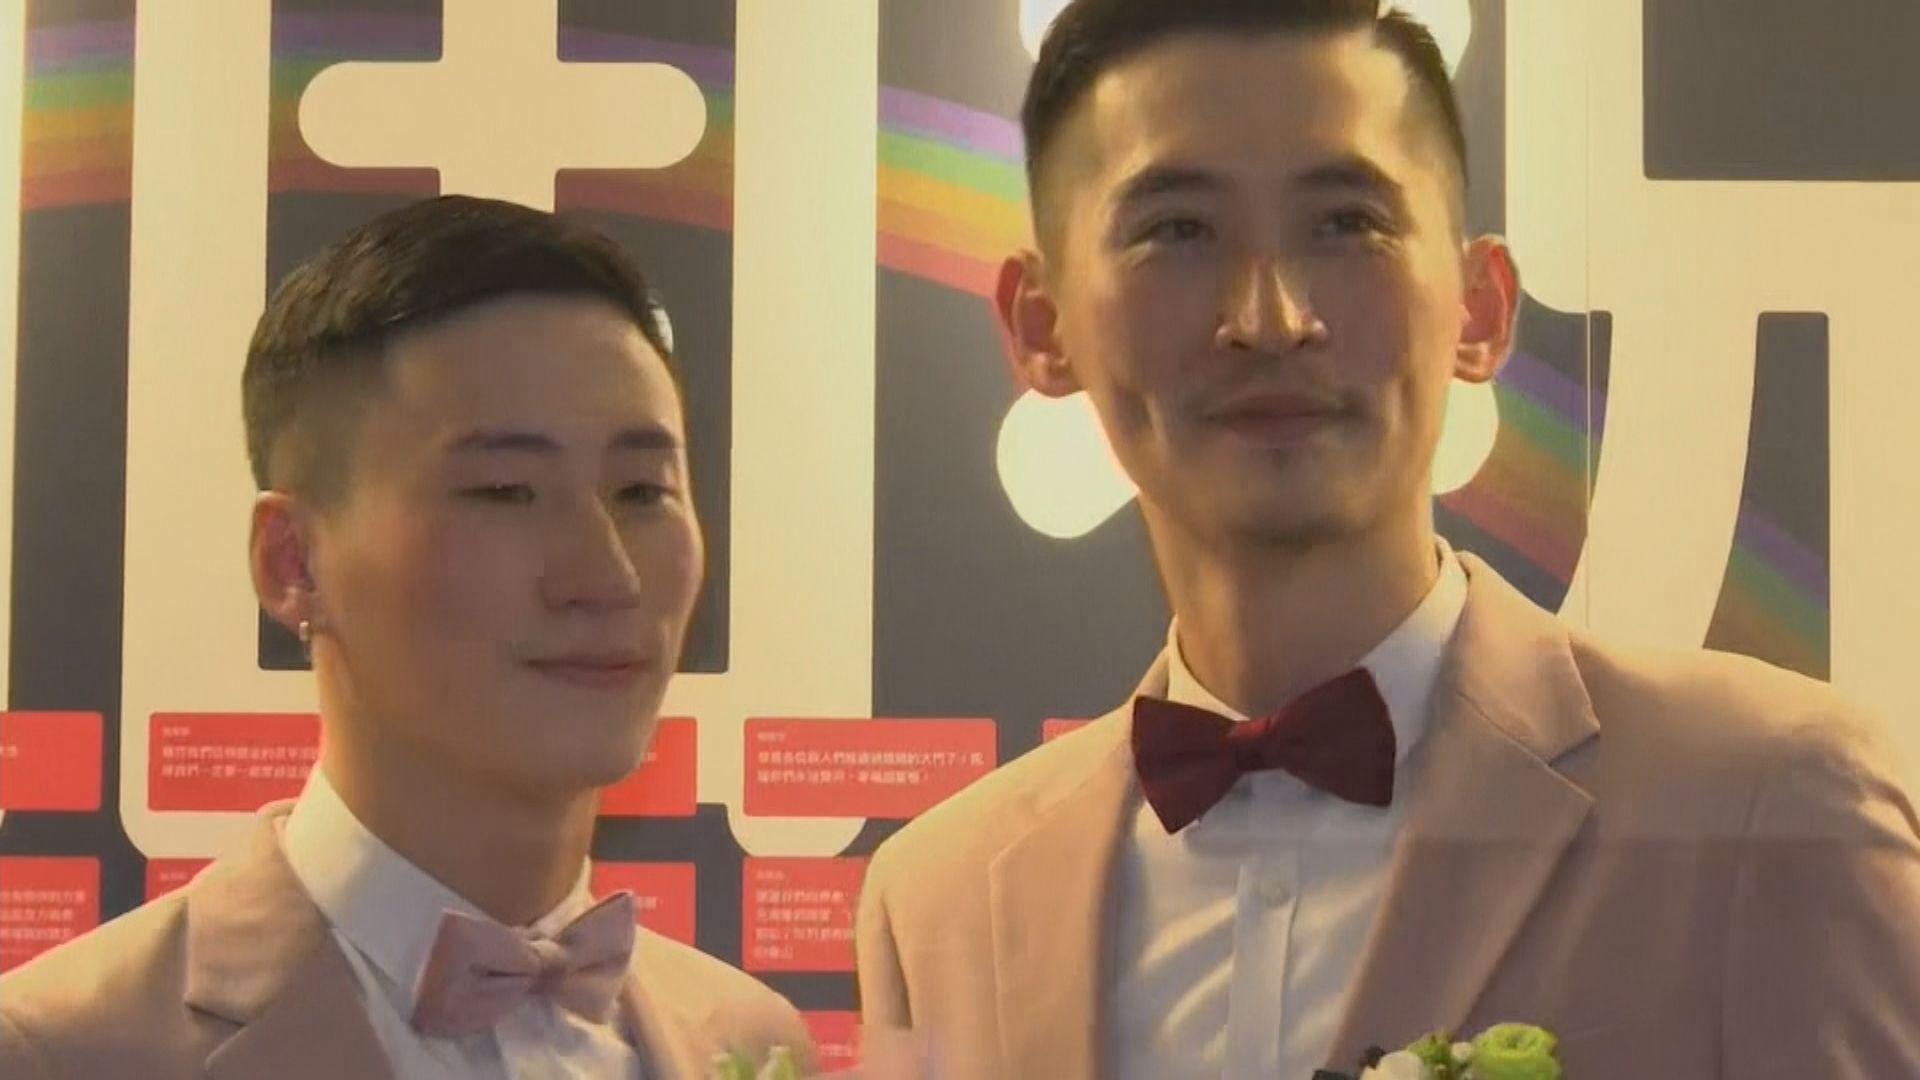 【環球薈報】據報兩岸研究讓同性伴侶在台建立同性婚姻關係